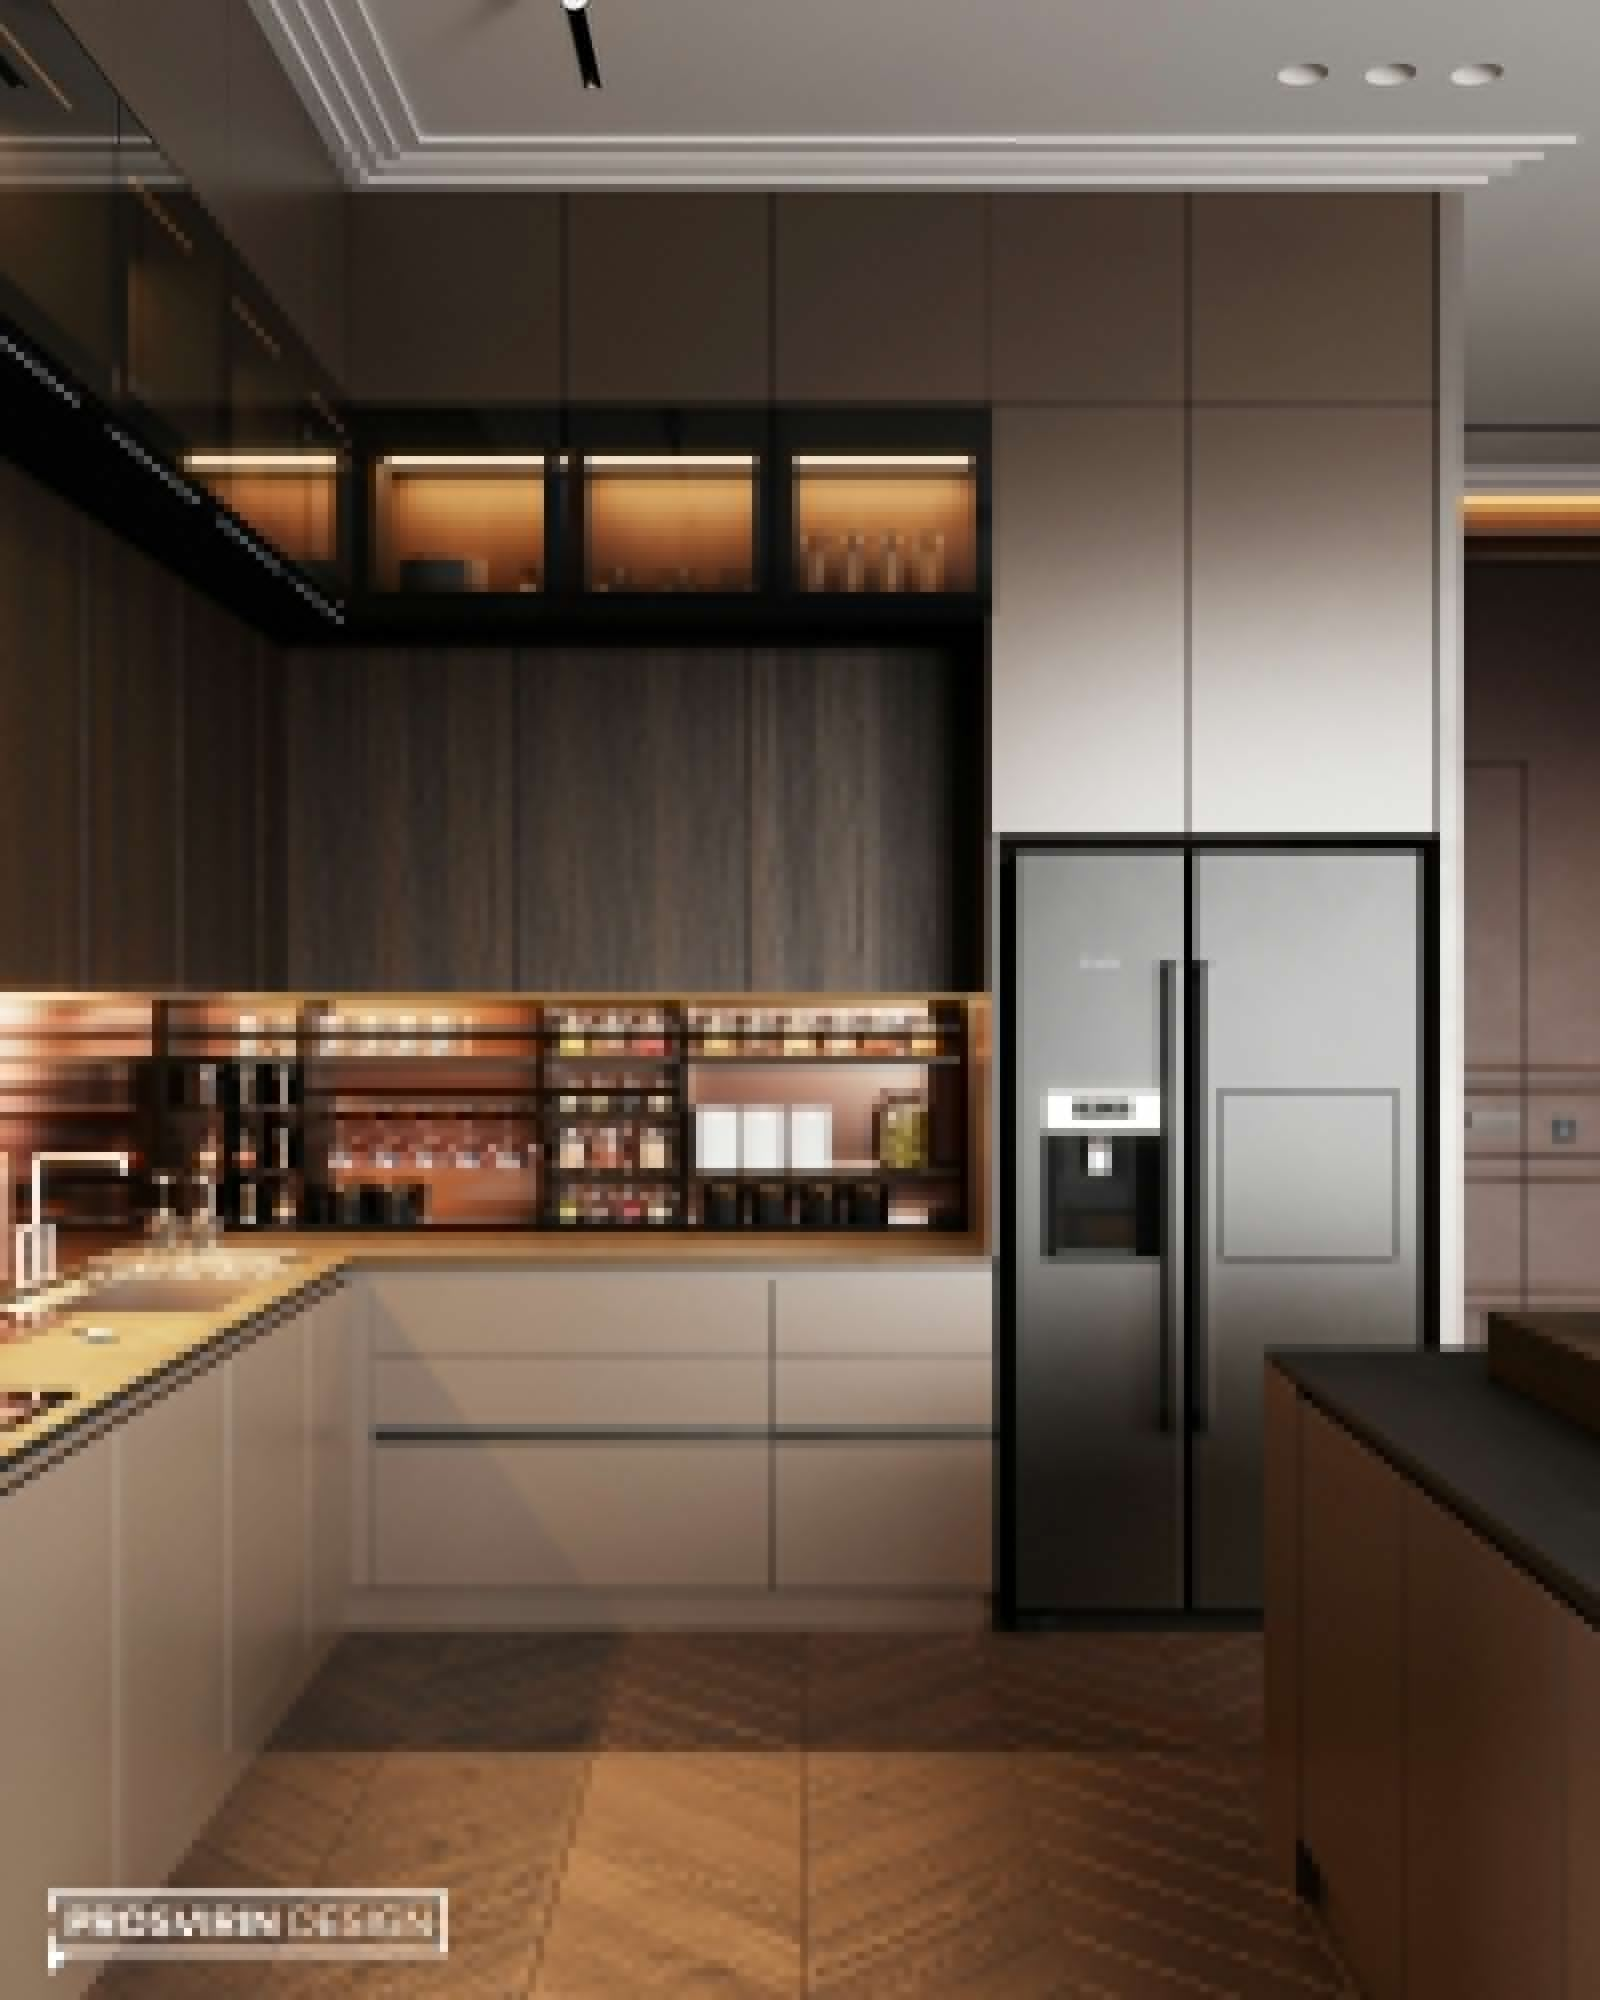 Kitchen Interior Design Modern Simple And Best Color For Kitchen Interior In 2020 Kitchen Room Design Kitchen Inspiration Design Contemporary Kitchen Design